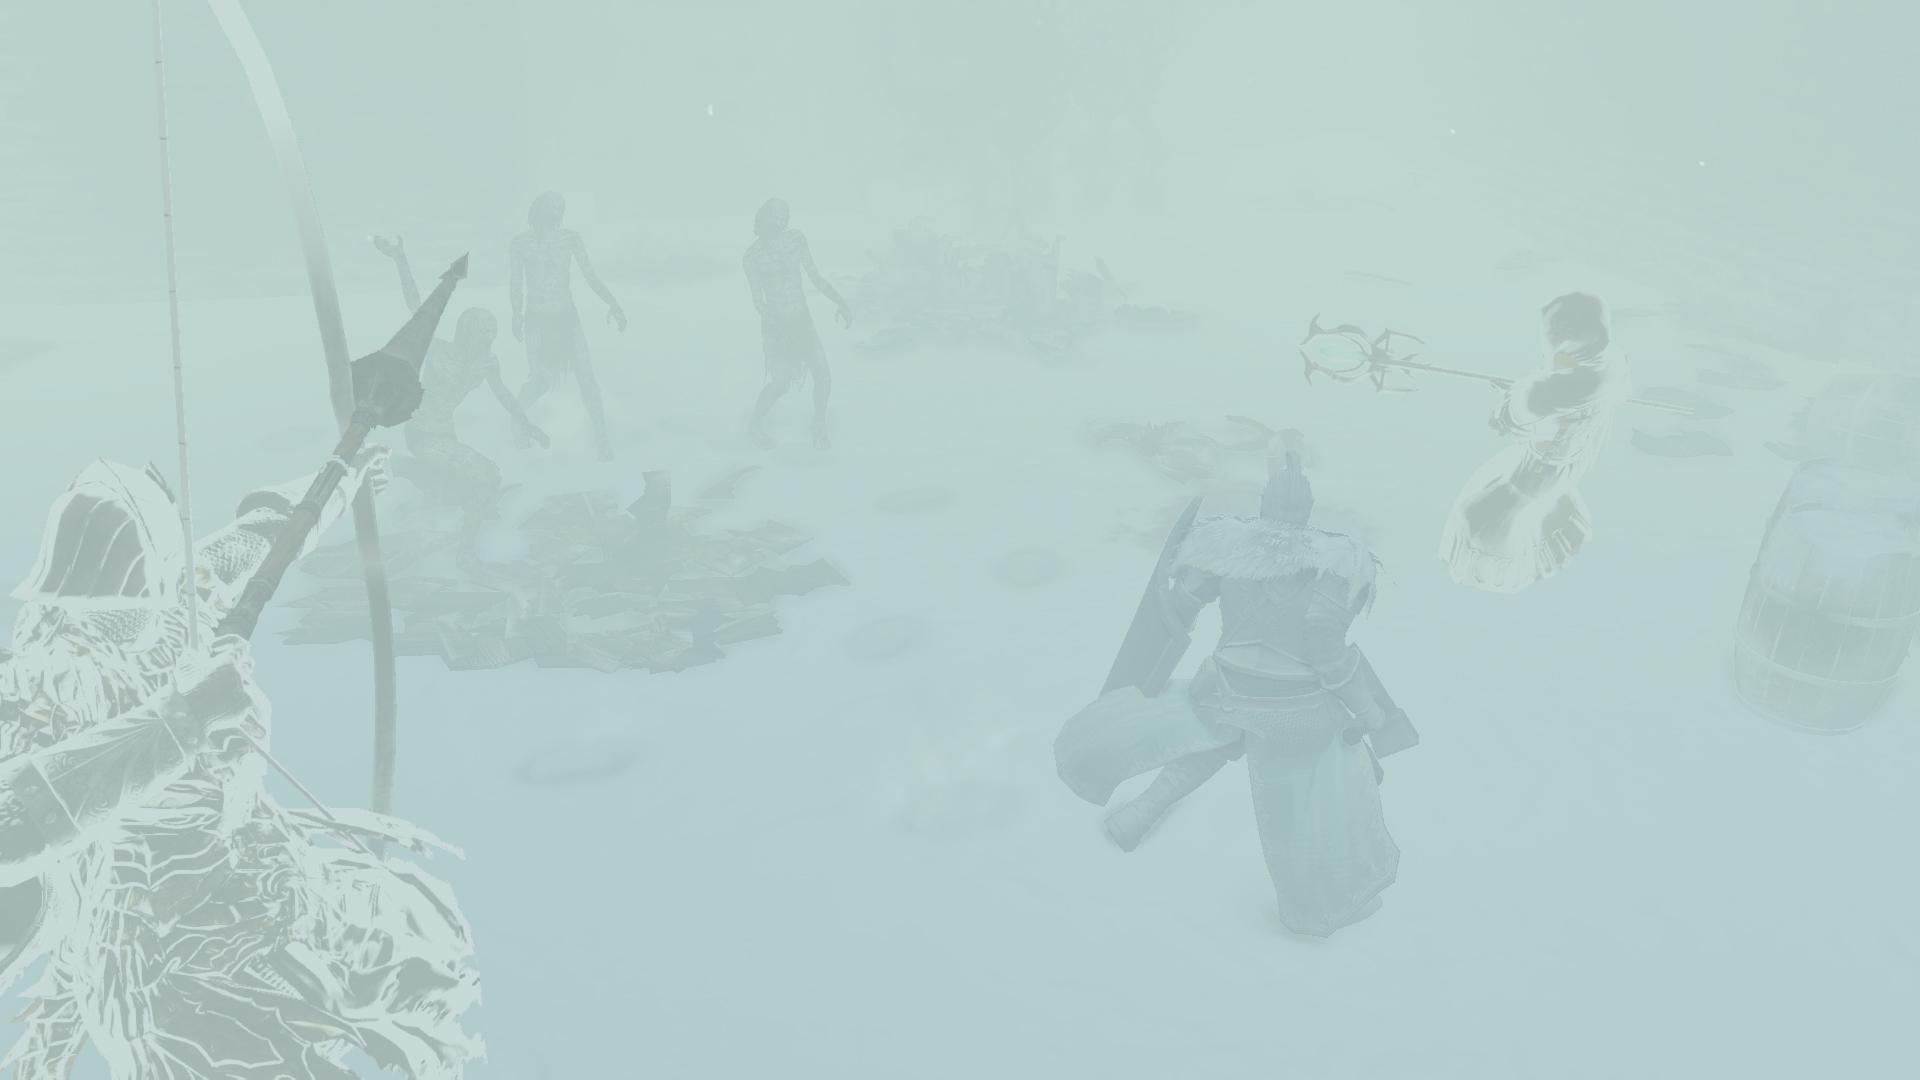 Mráz a vánice ve třetím DLC pro Dark Souls 2 100680